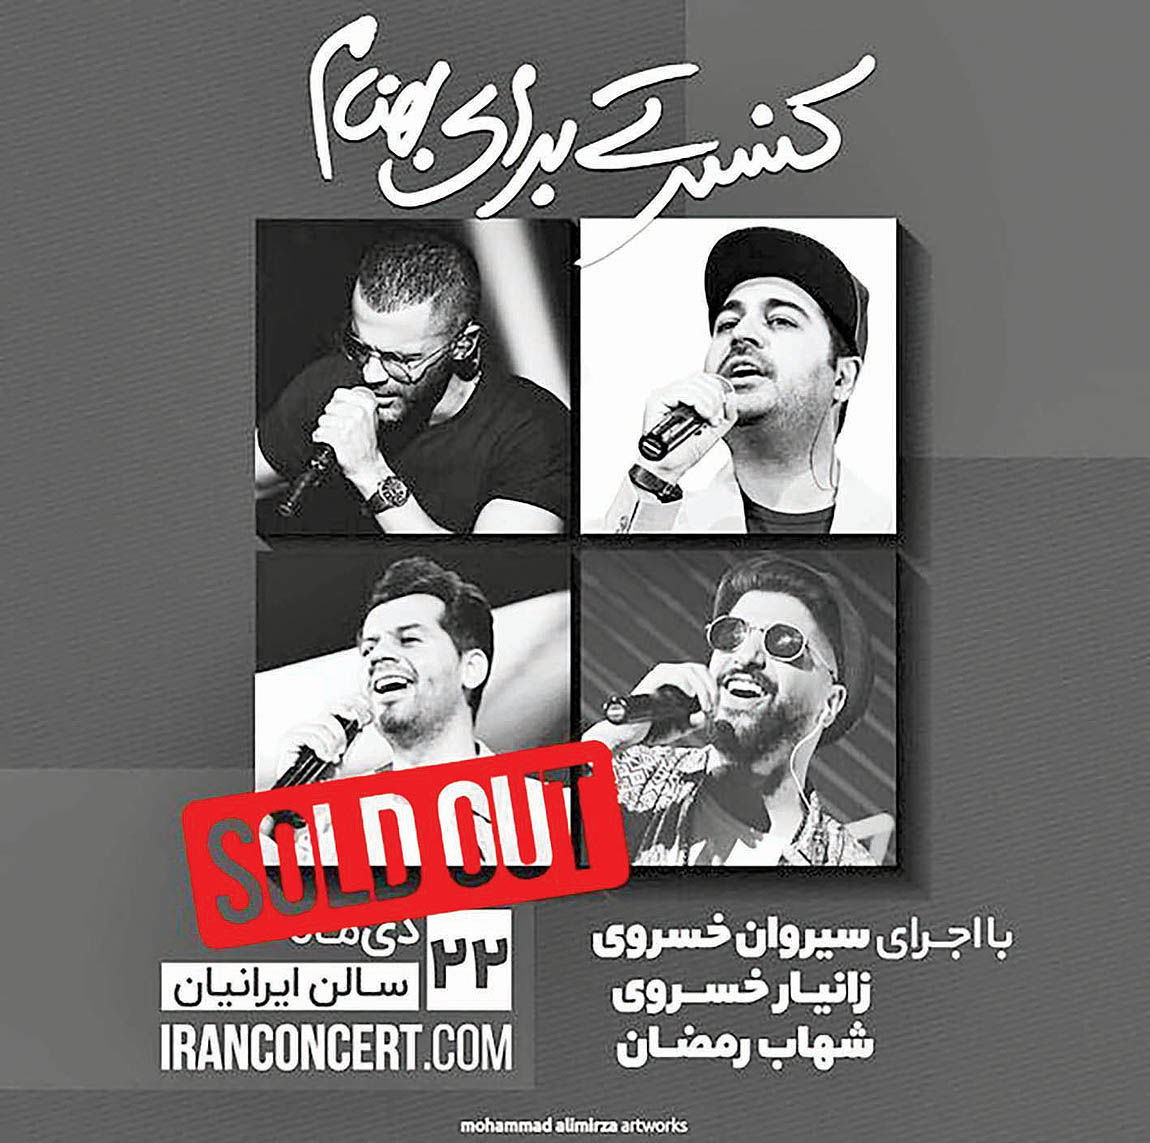 کنسرت سه خواننده سرشناس برای حمایت از بهنام صفوی